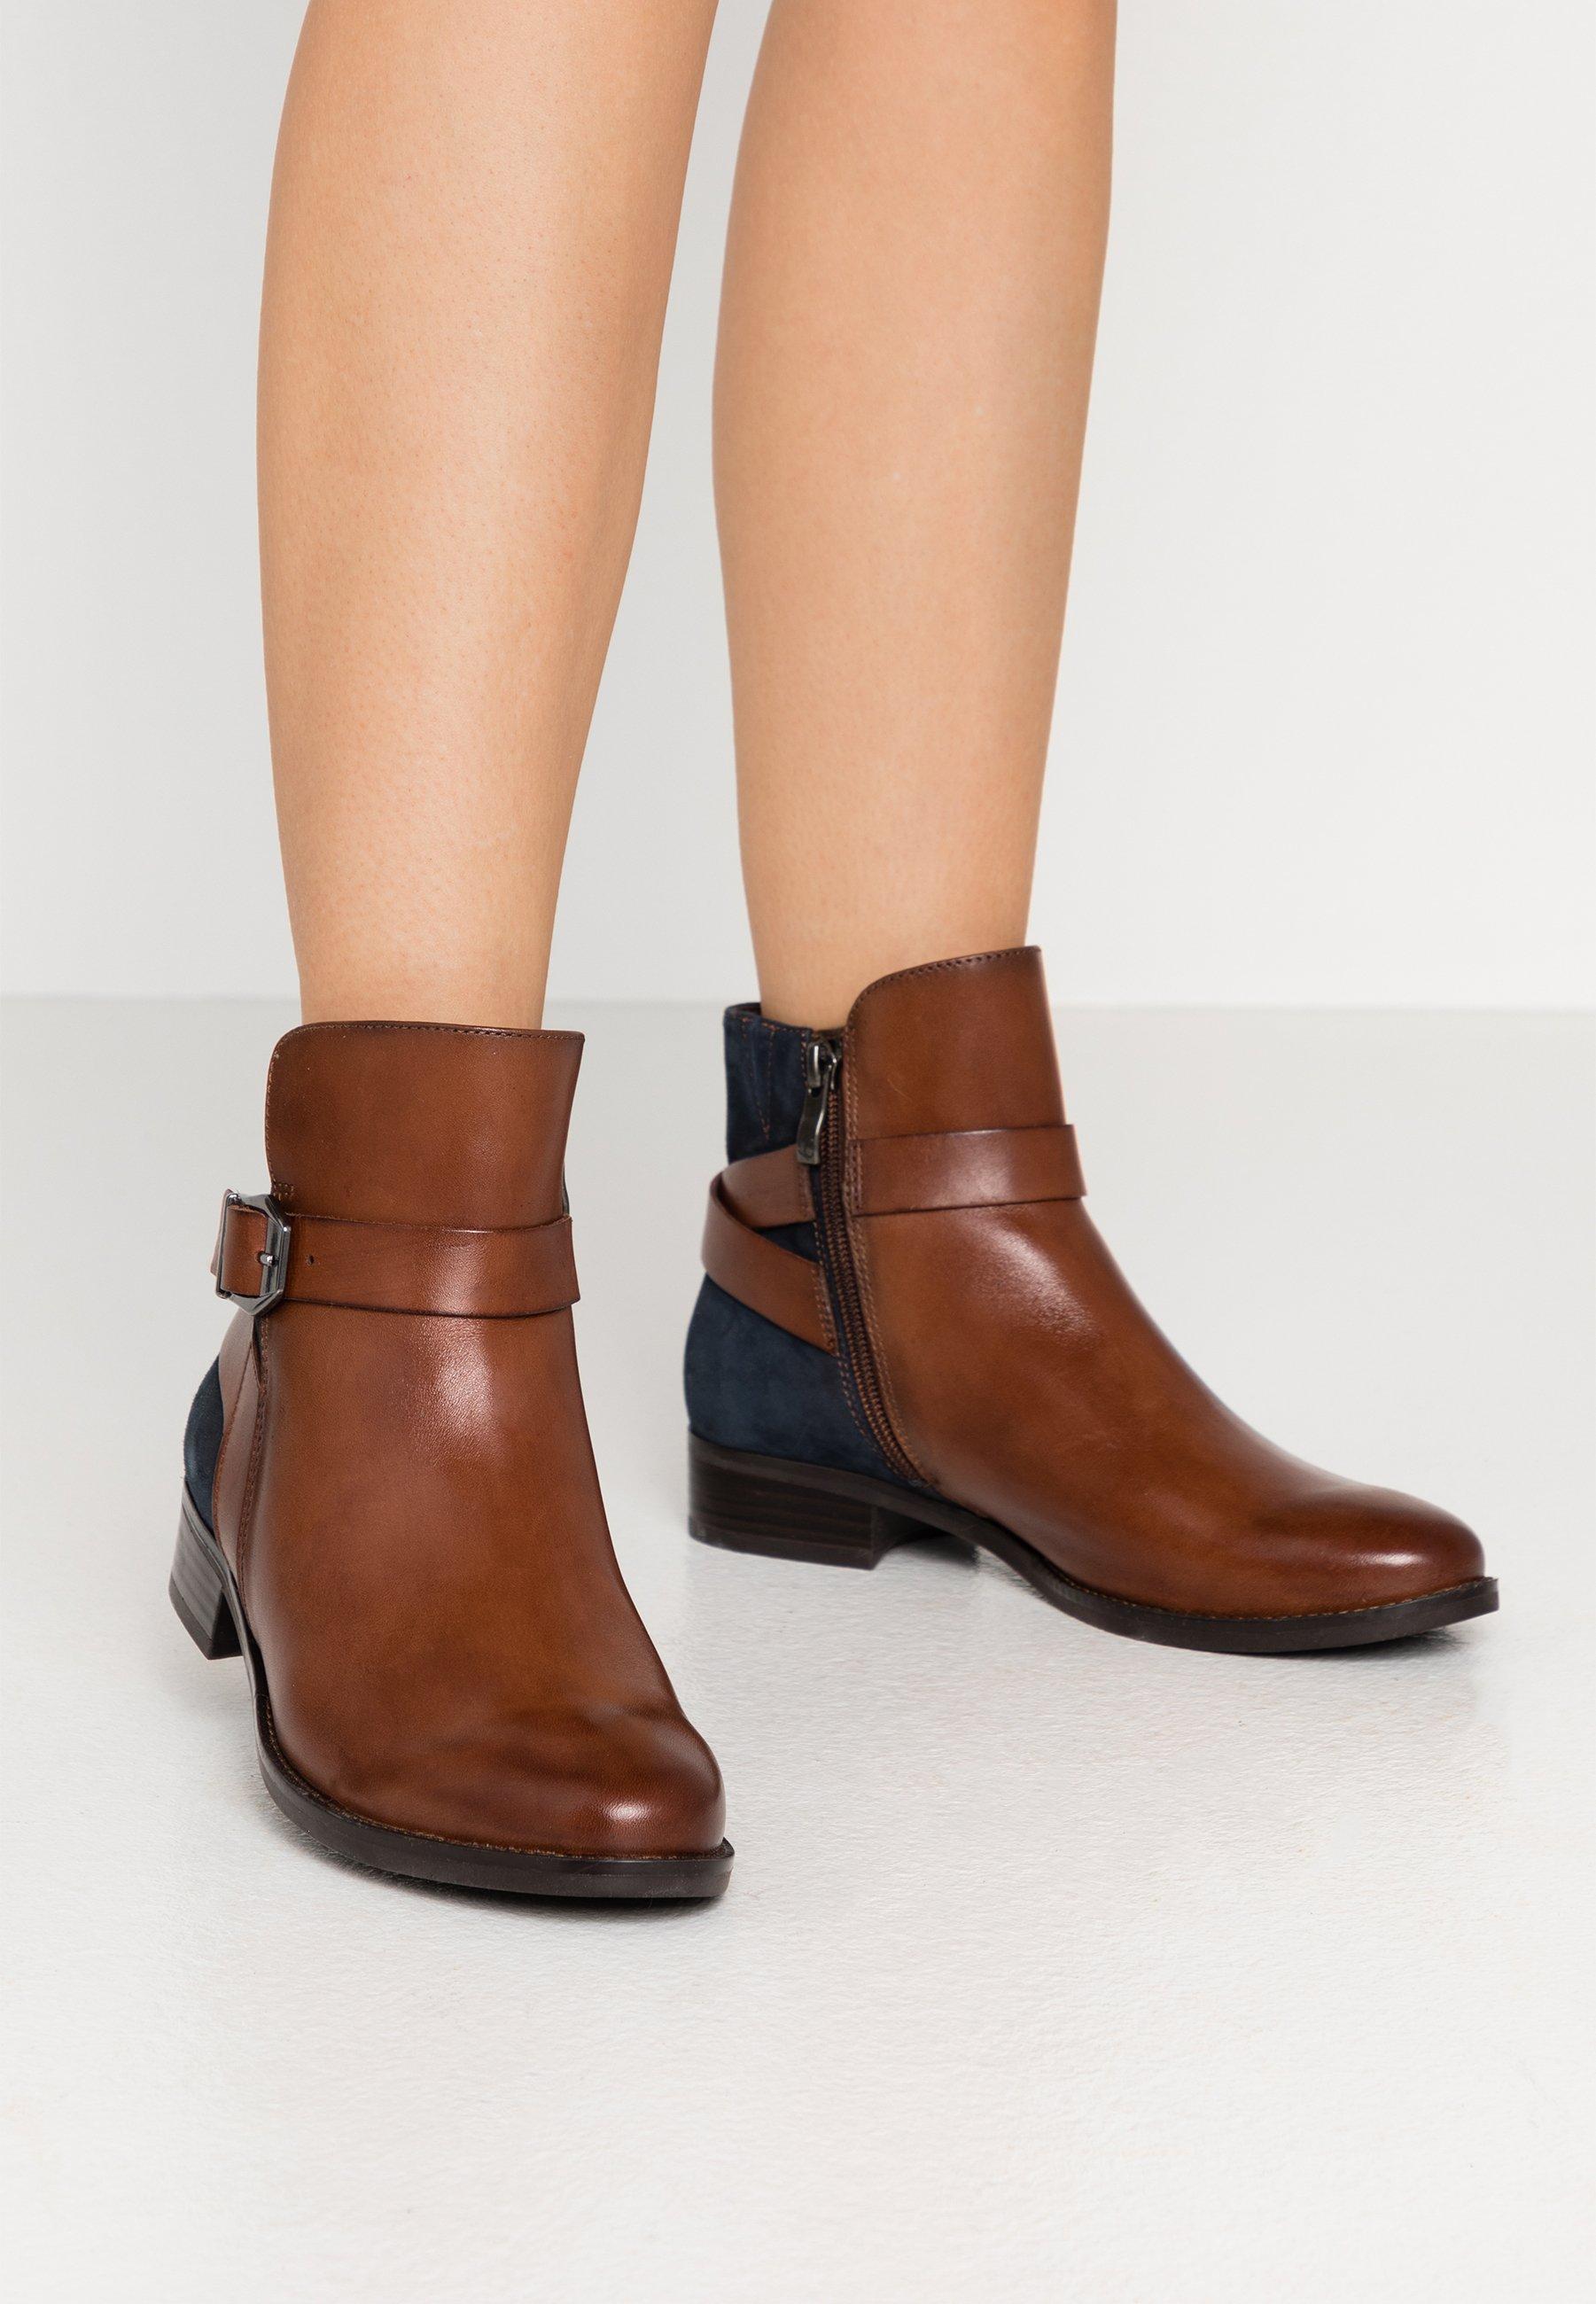 Outlet Cheapest Caprice Classic ankle boots - cognac/ocean | women's shoes 2020 kAepk